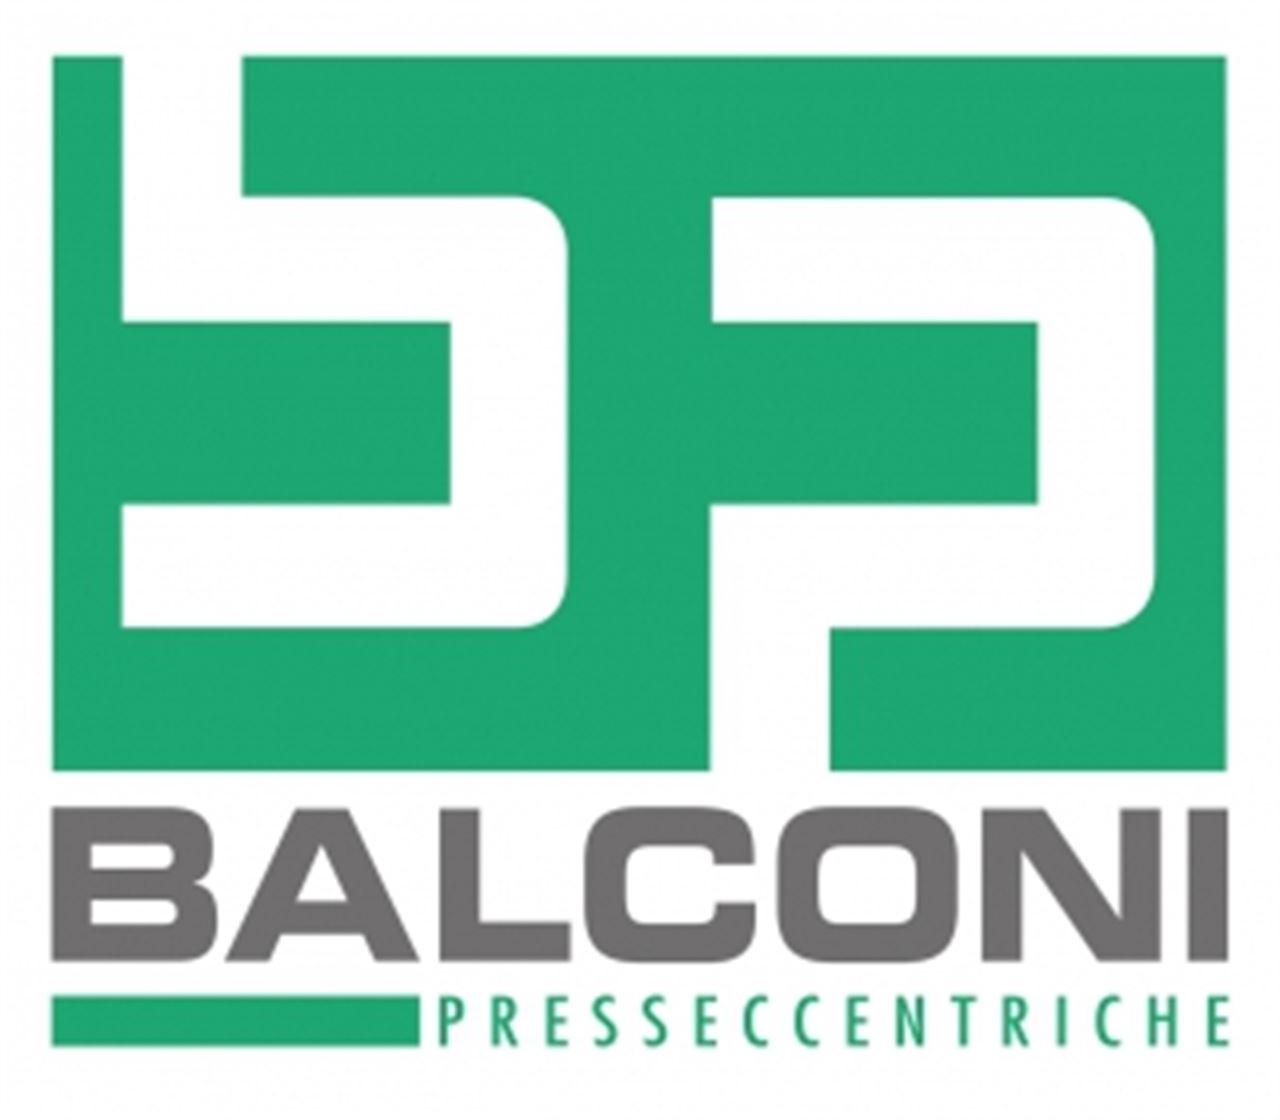 BALCONI Presseccentriche SpA